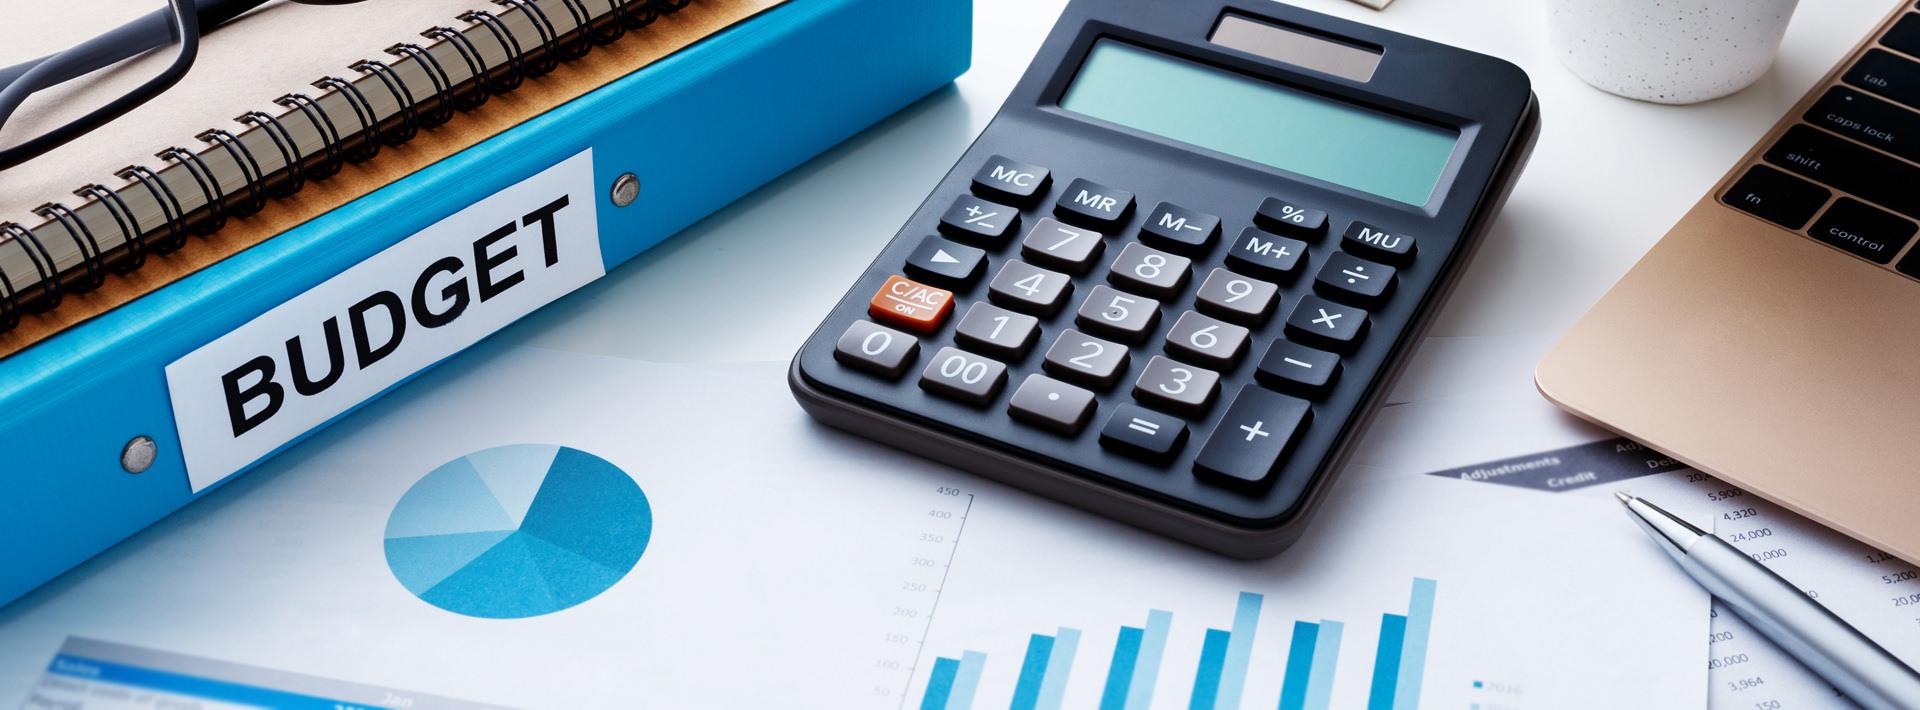 Image en-tête - Budgets et états financiers